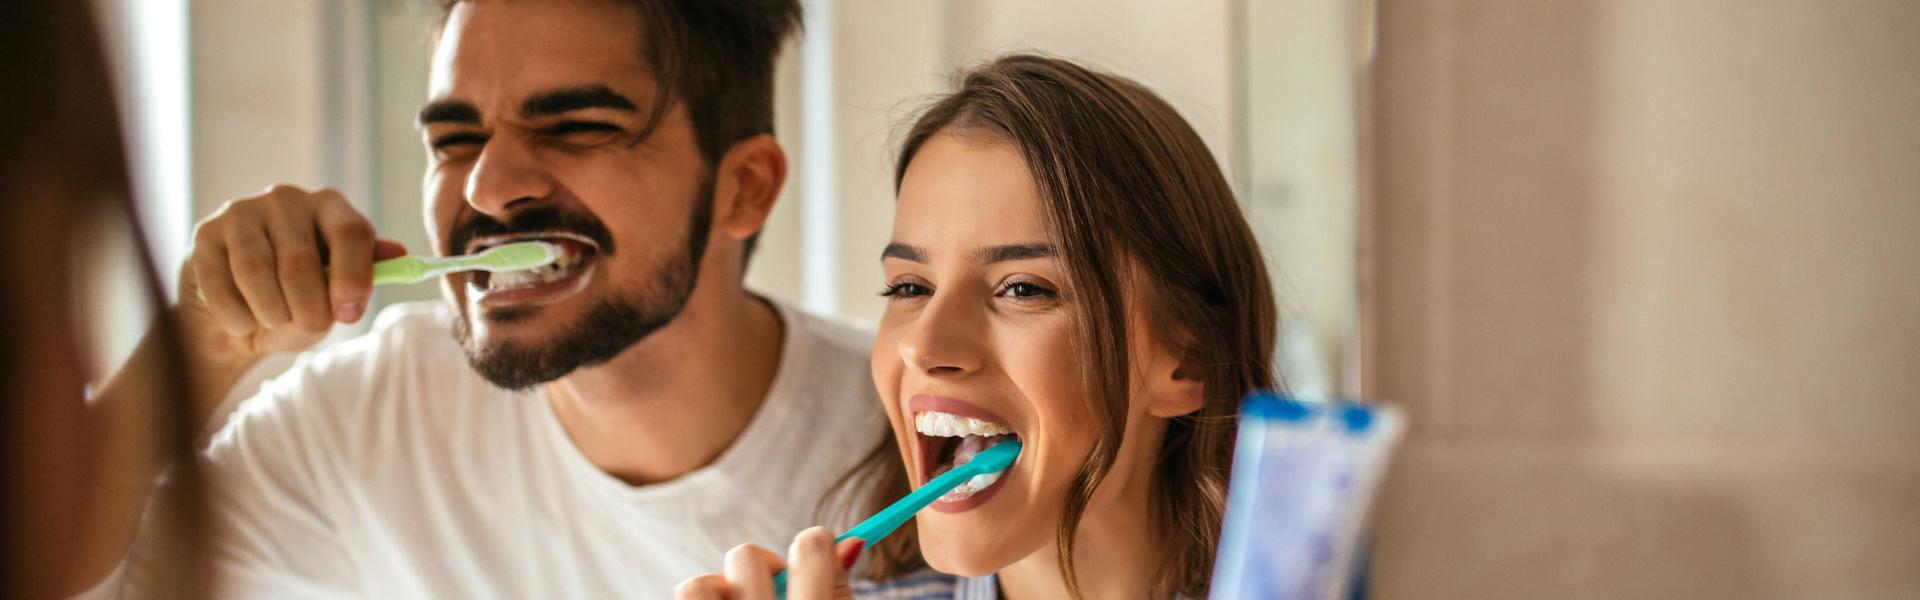 Spazzolino da denti: 10 modi alternativi